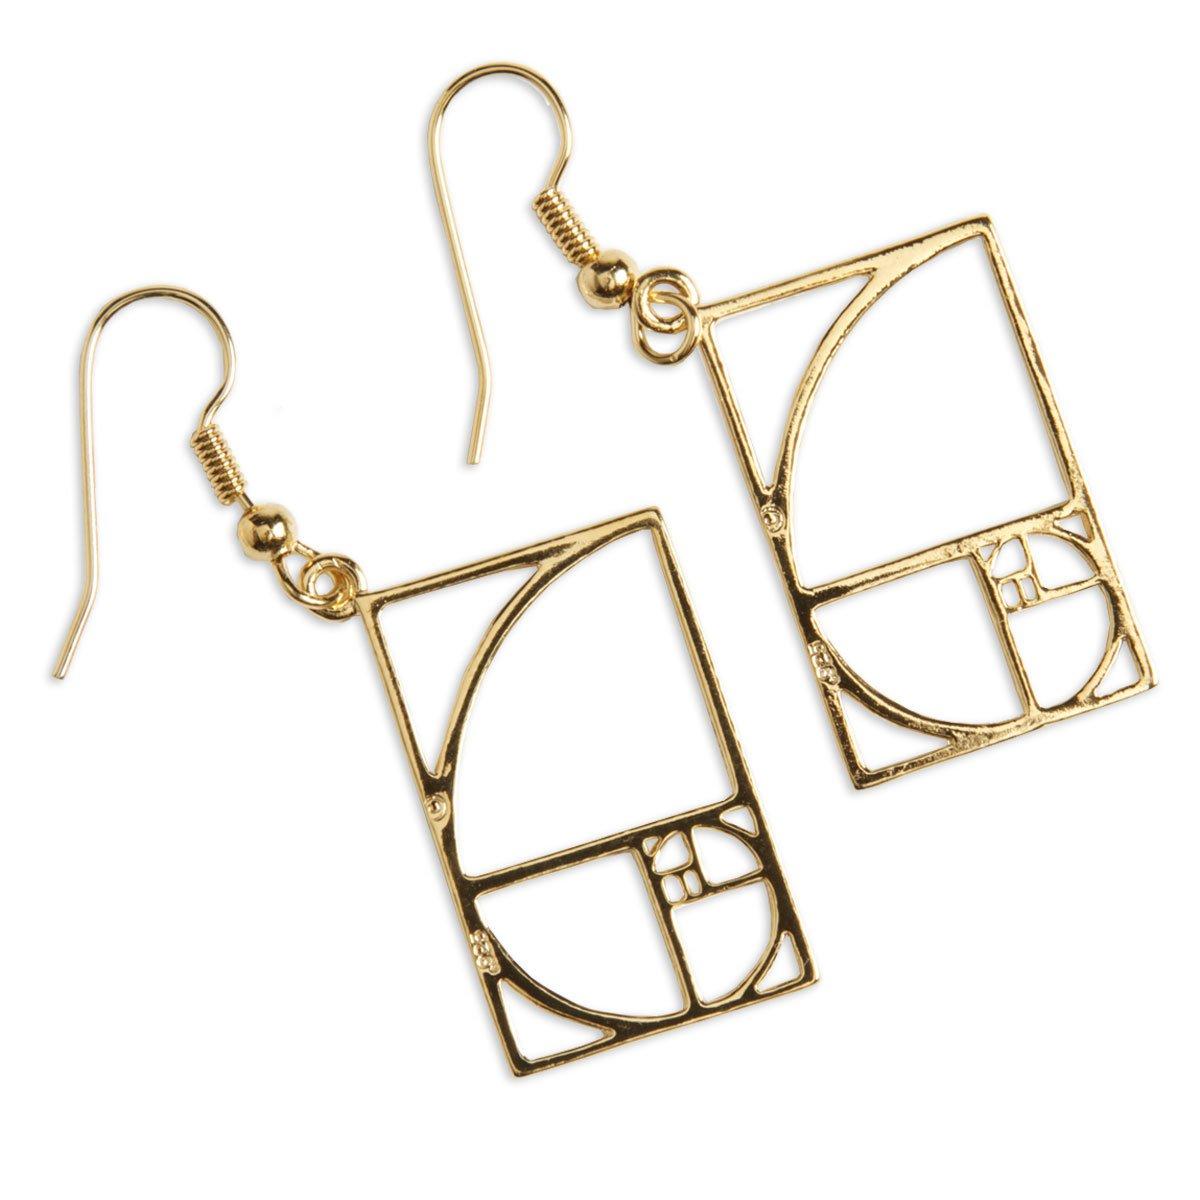 ComputerGear Math Jewelry Earrings Golden Mean Ratio Equation Geek Nerd STEM